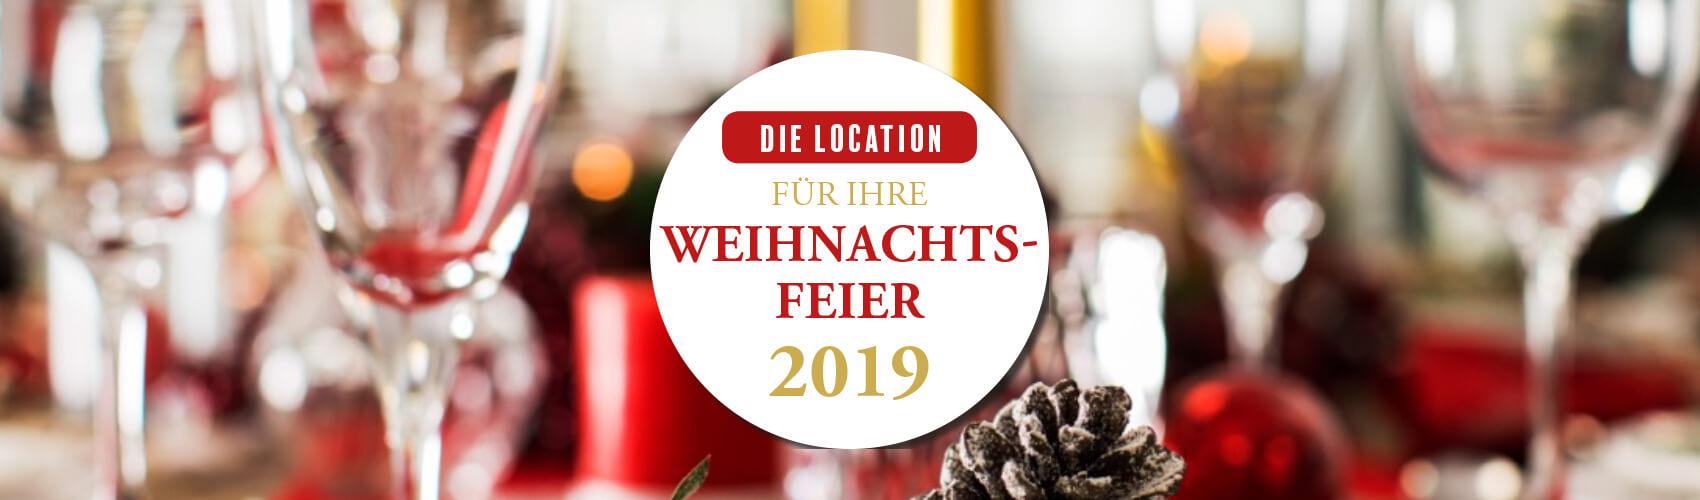 Location für Ihre Weihnachtsfeier 2019